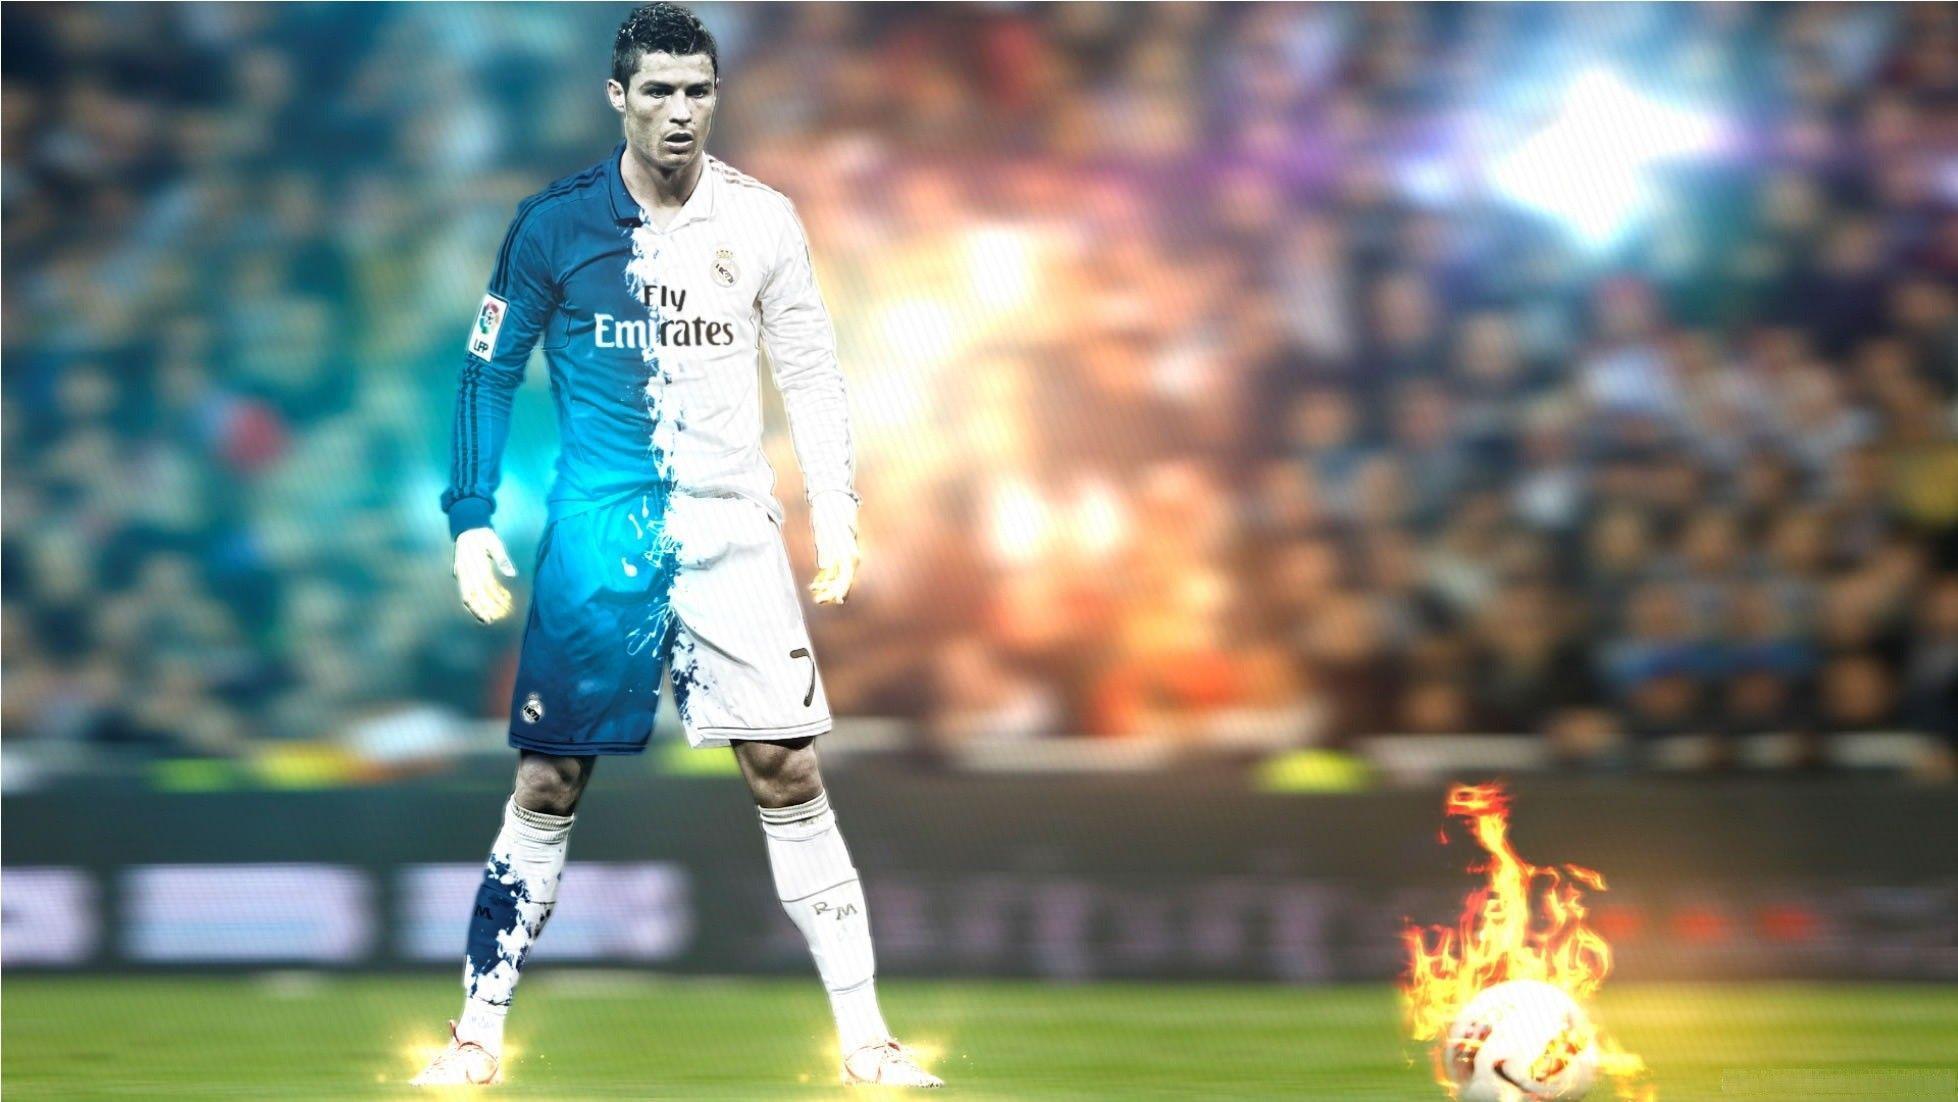 Hình nền Cristiano Ronaldo 1958x1102 - Hình ảnh HD mới của CR7